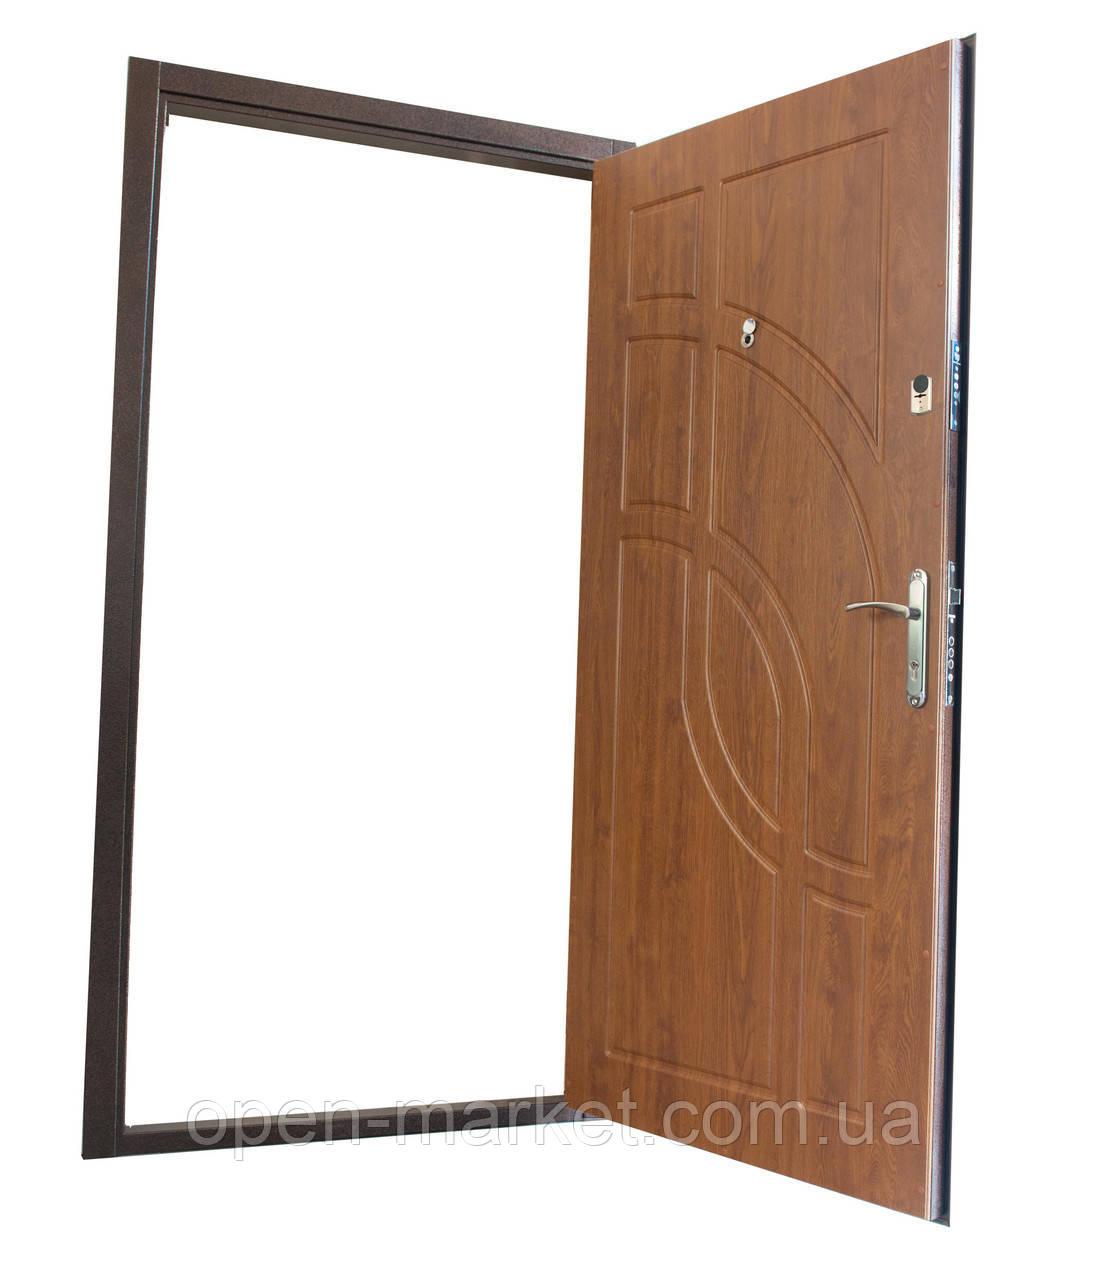 Двери уличные Первомайское Николаевская область